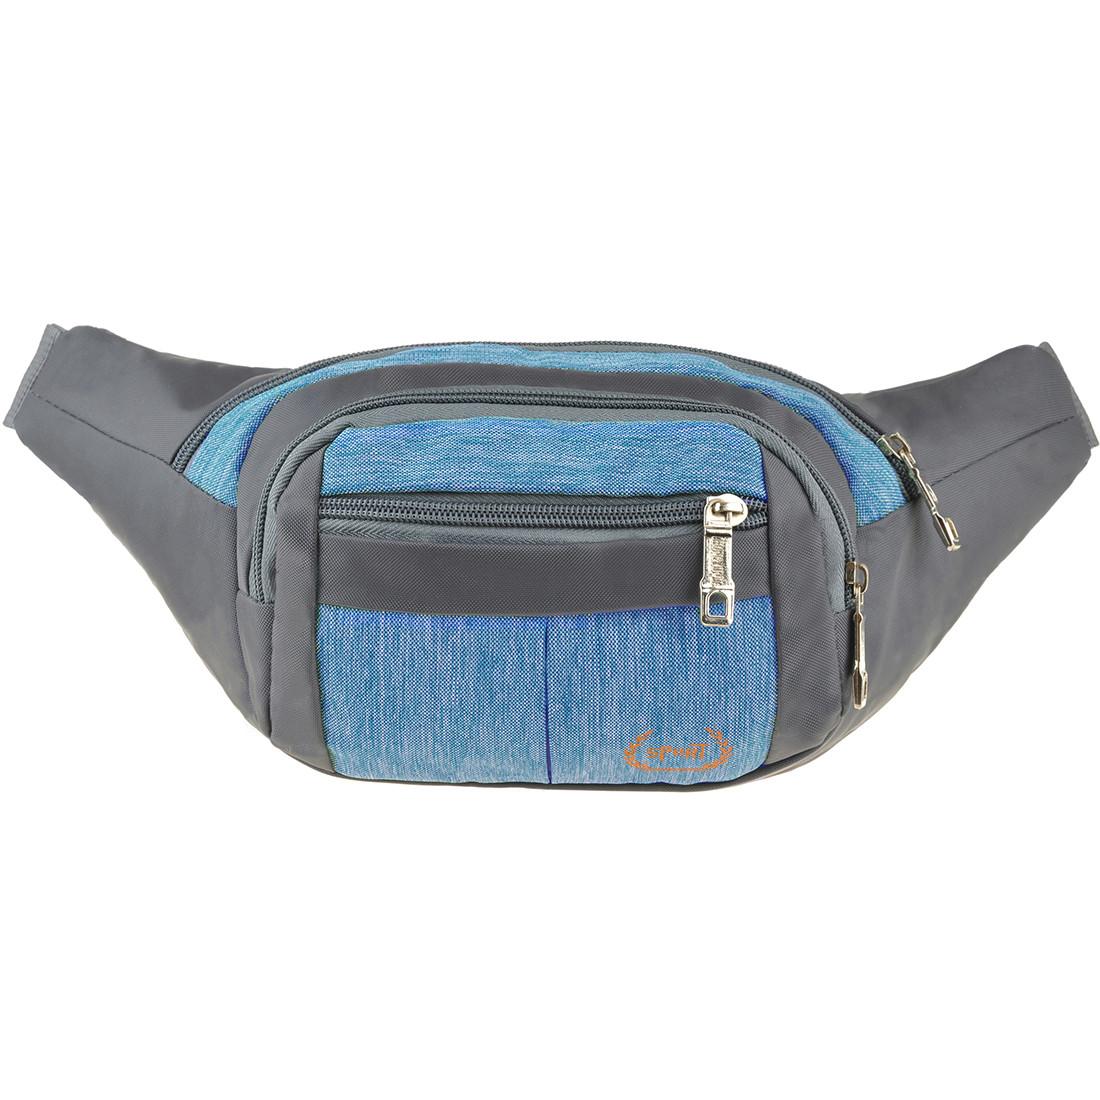 Сумка на пояс BagHouse тканина нейлон 32х13х8 колір сірий-блакитний ксН-6336гол